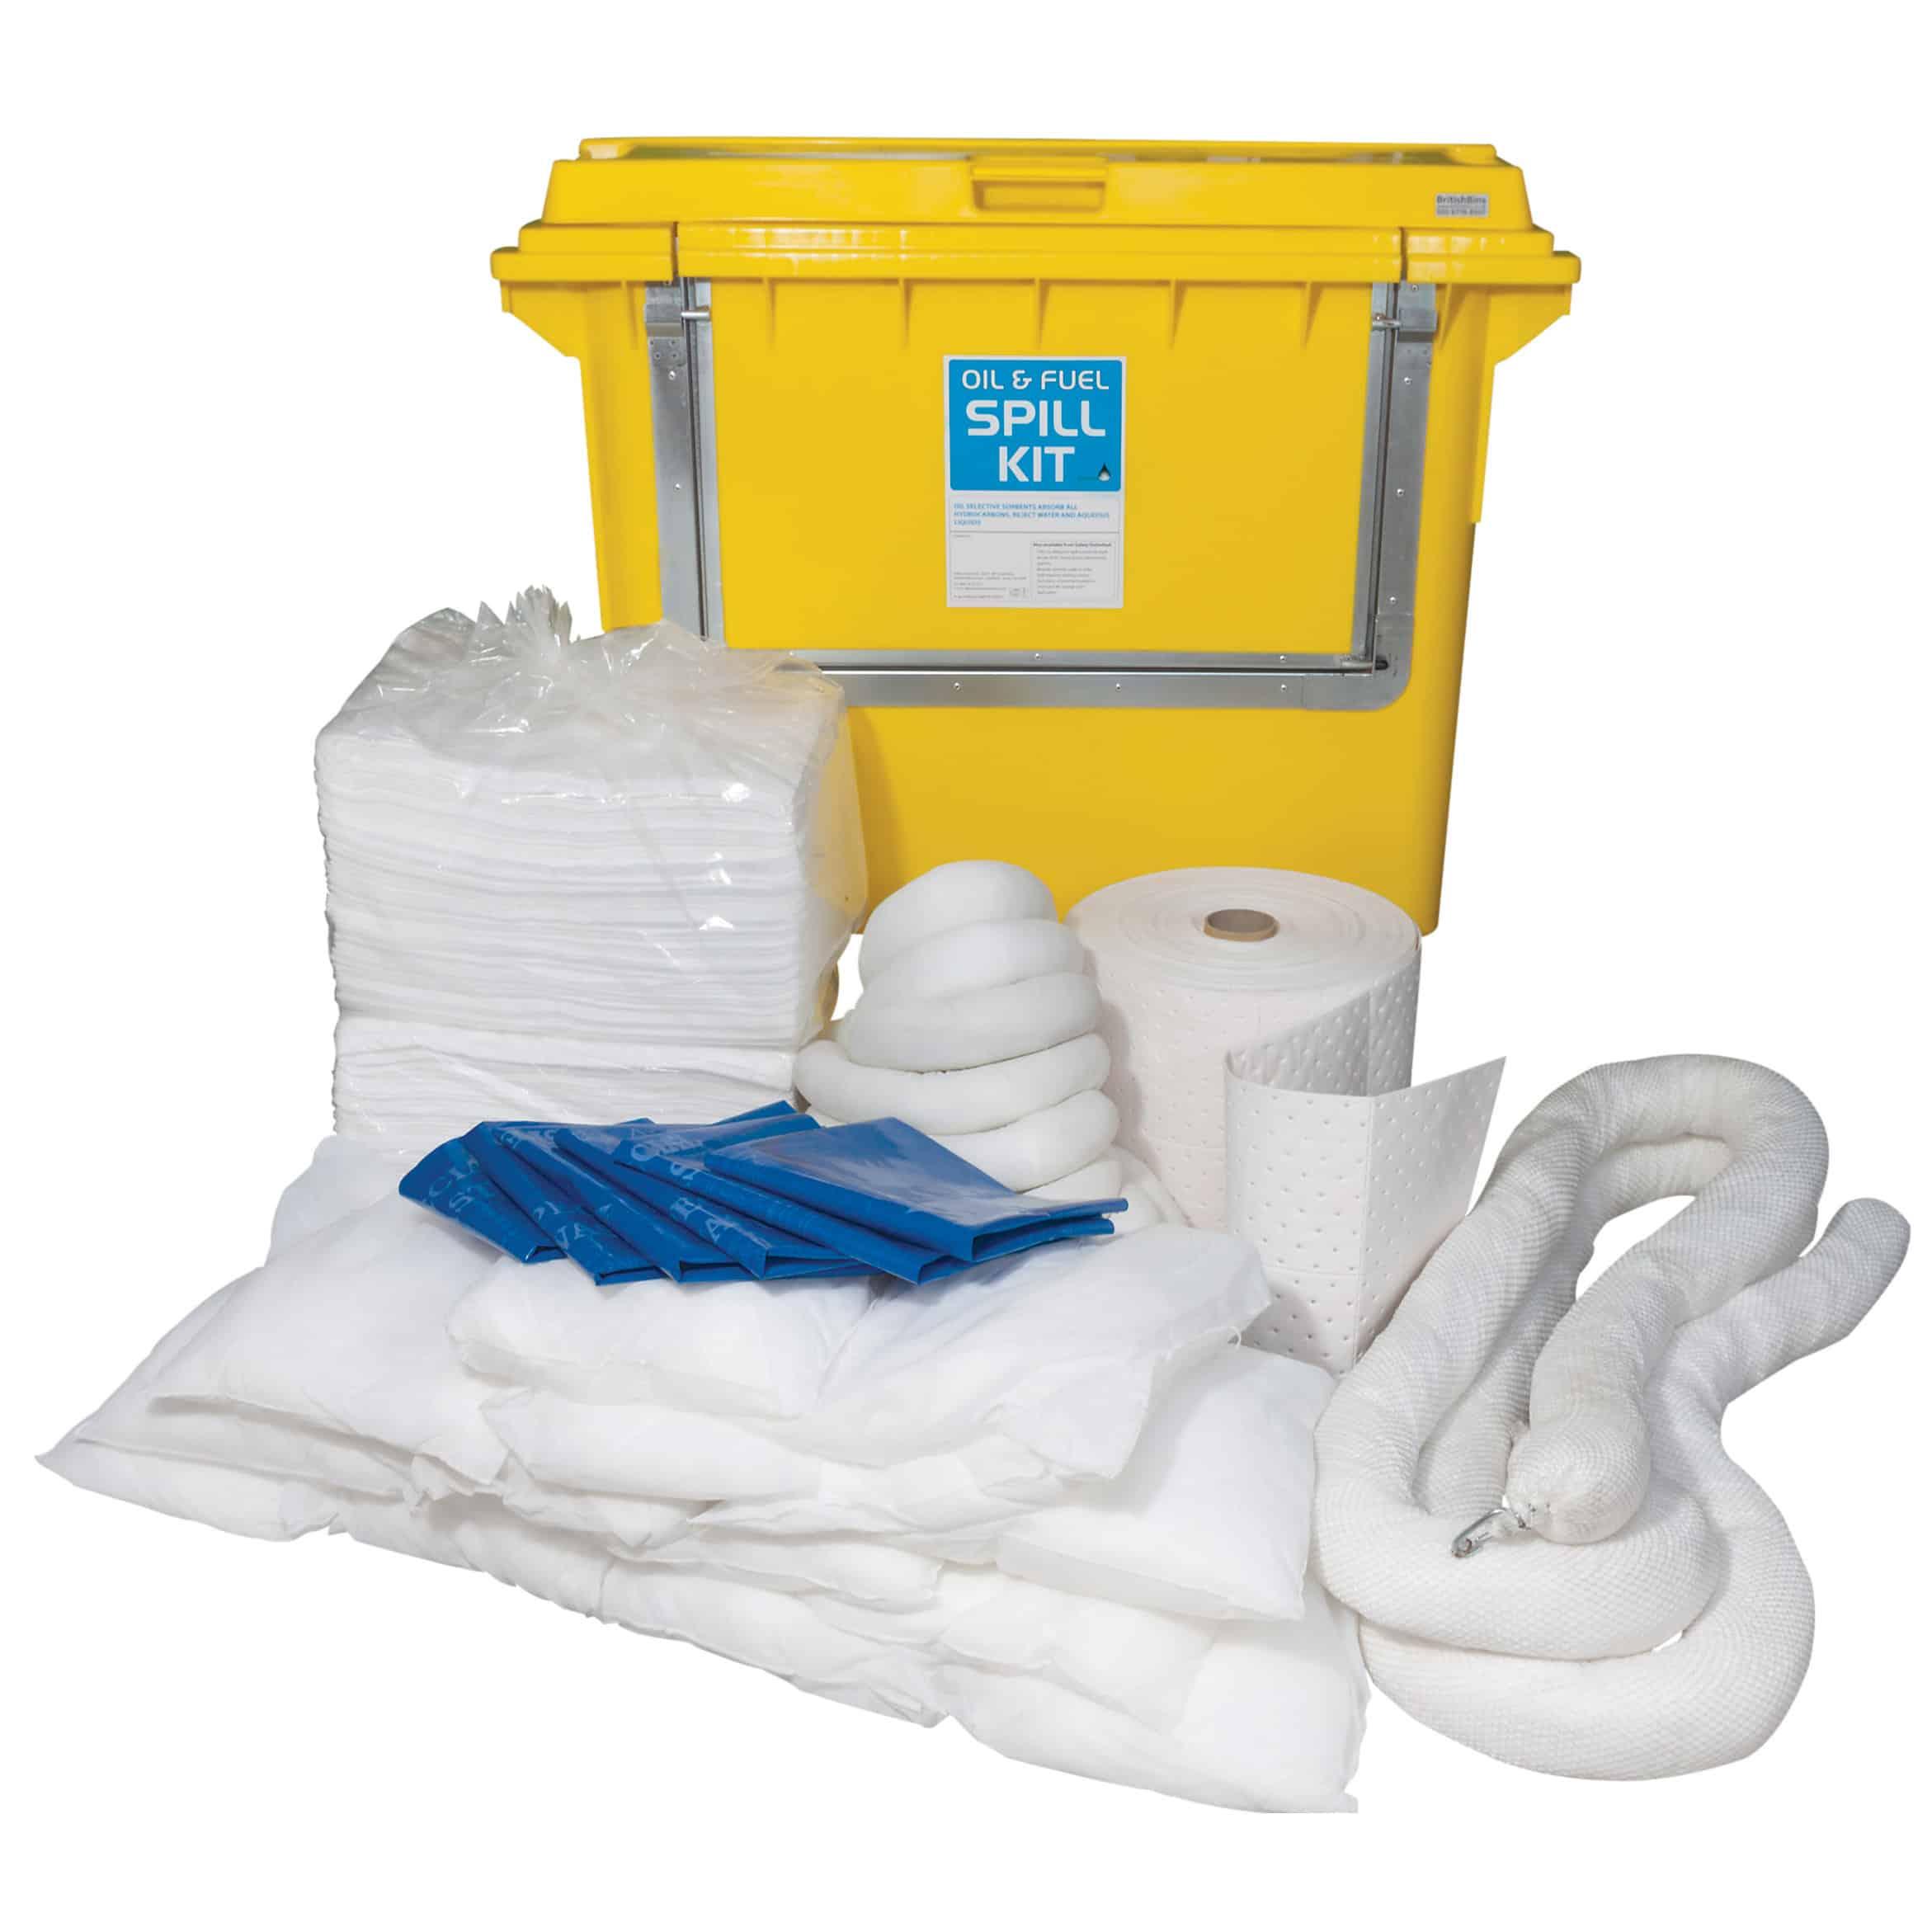 Envirospill 500 Litre Mobile Spill Response Kits